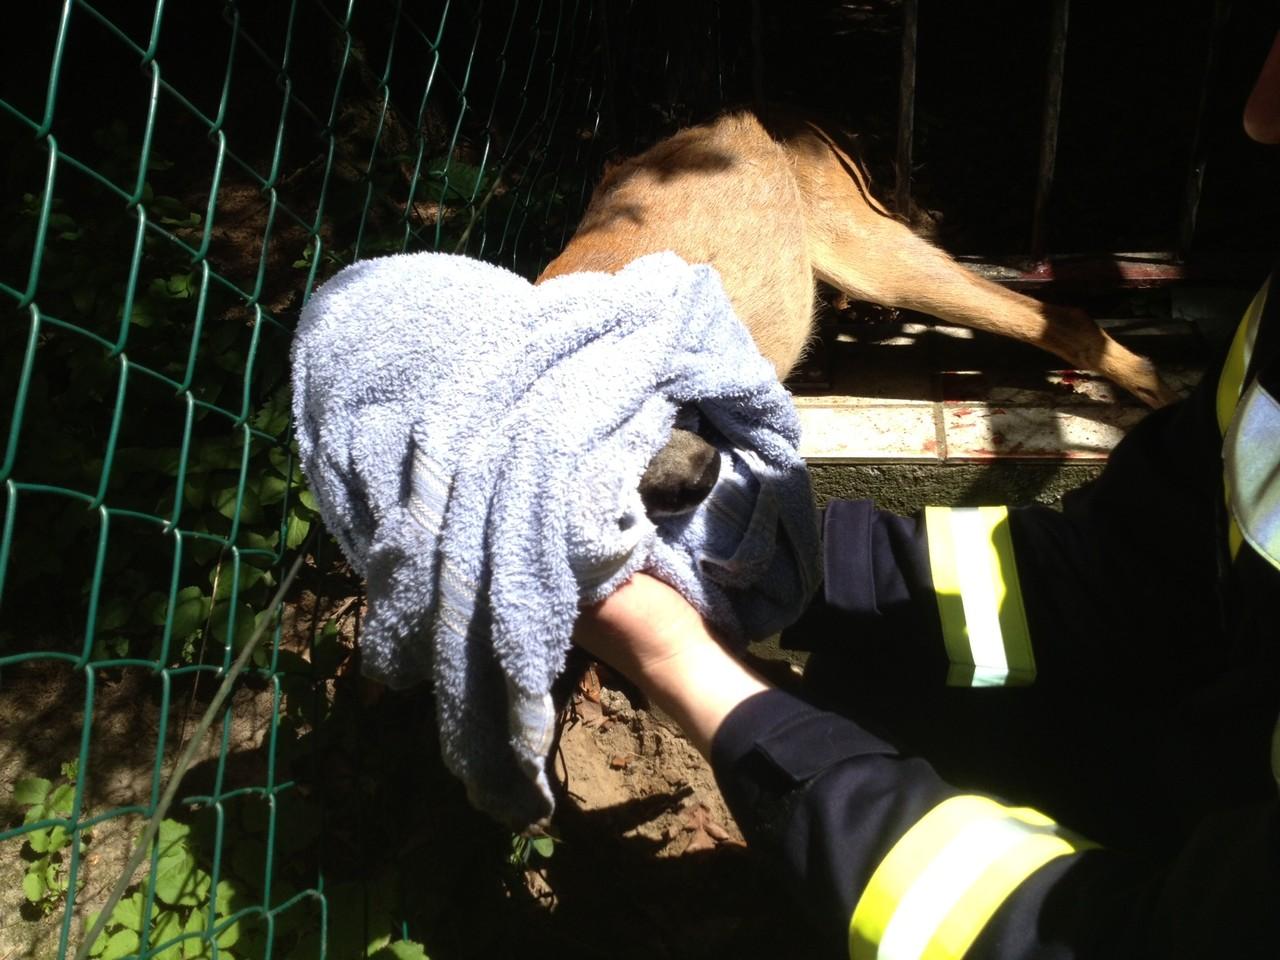 Tierrettung in Rondeshagen, 07.06.2013